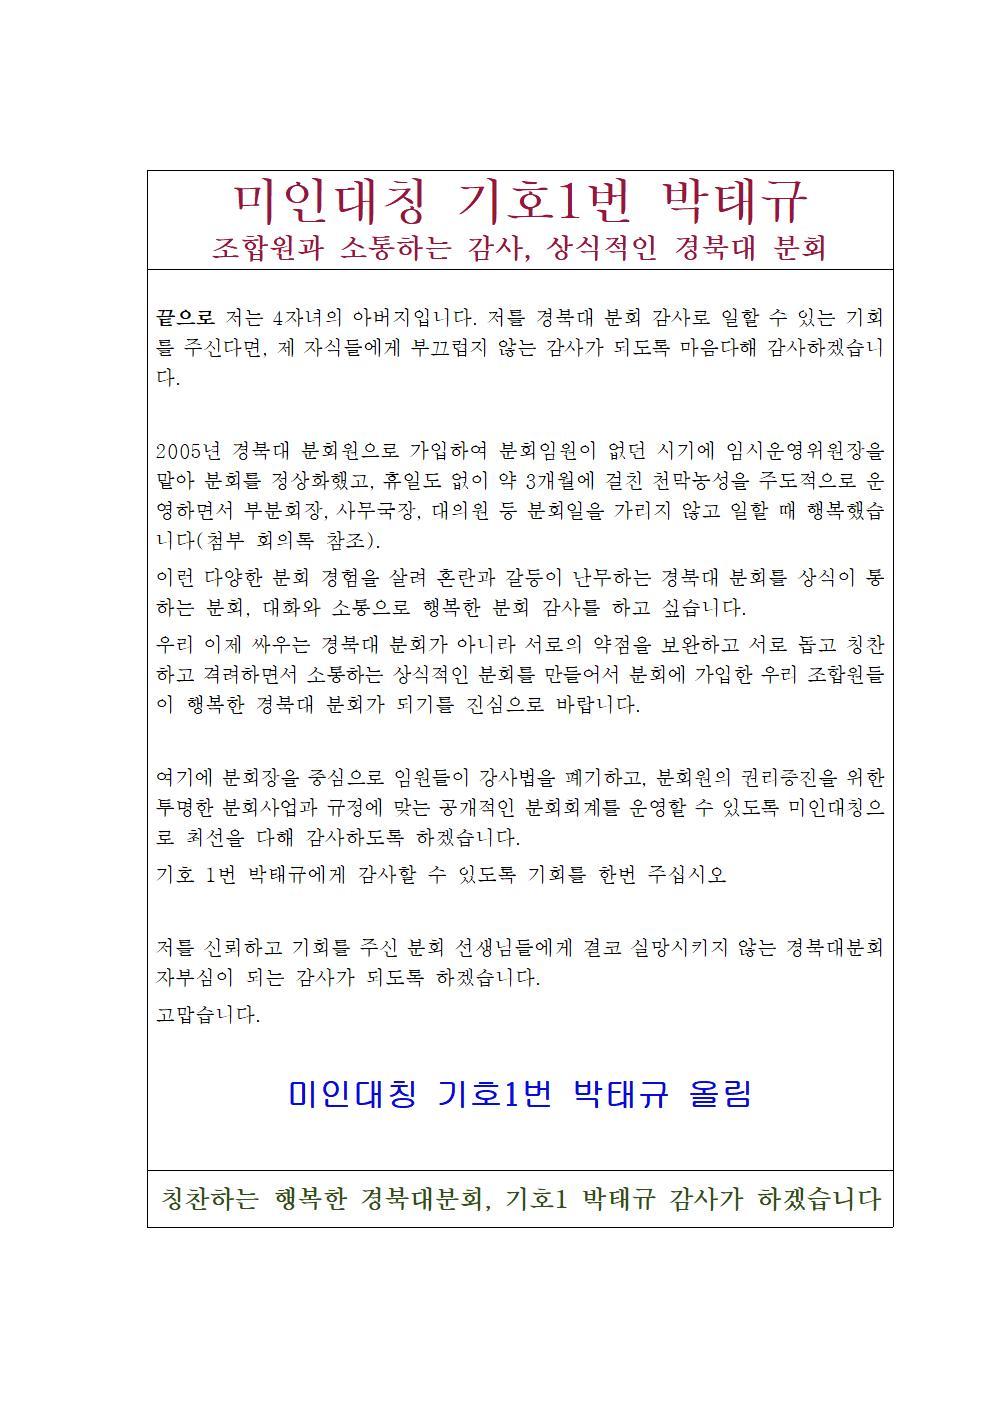 박태규 홍보물003.jpg